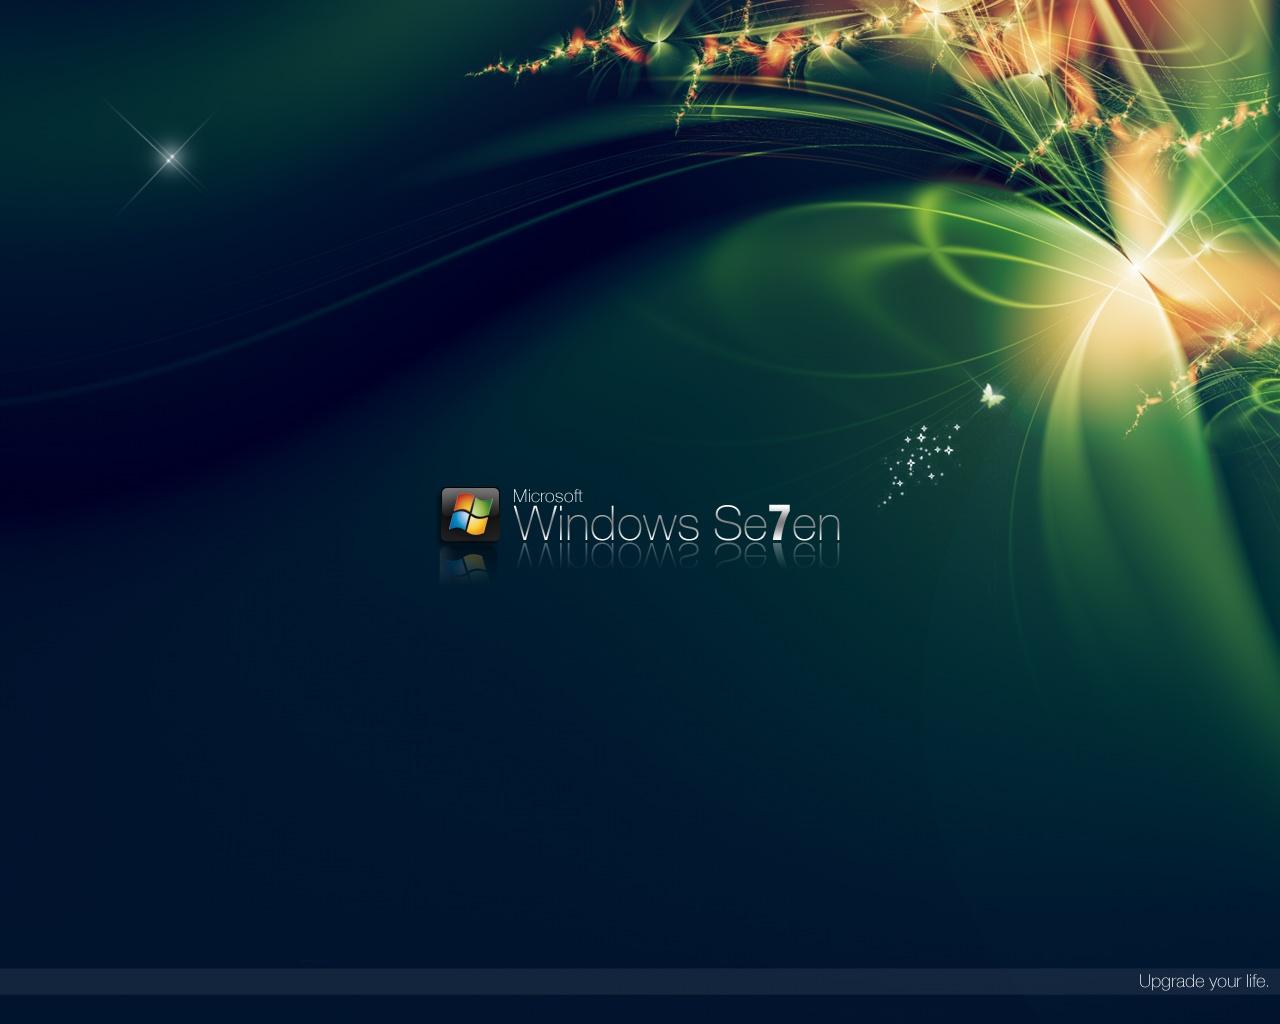 マイクロソフト Windows 7 無料壁紙の画像 796